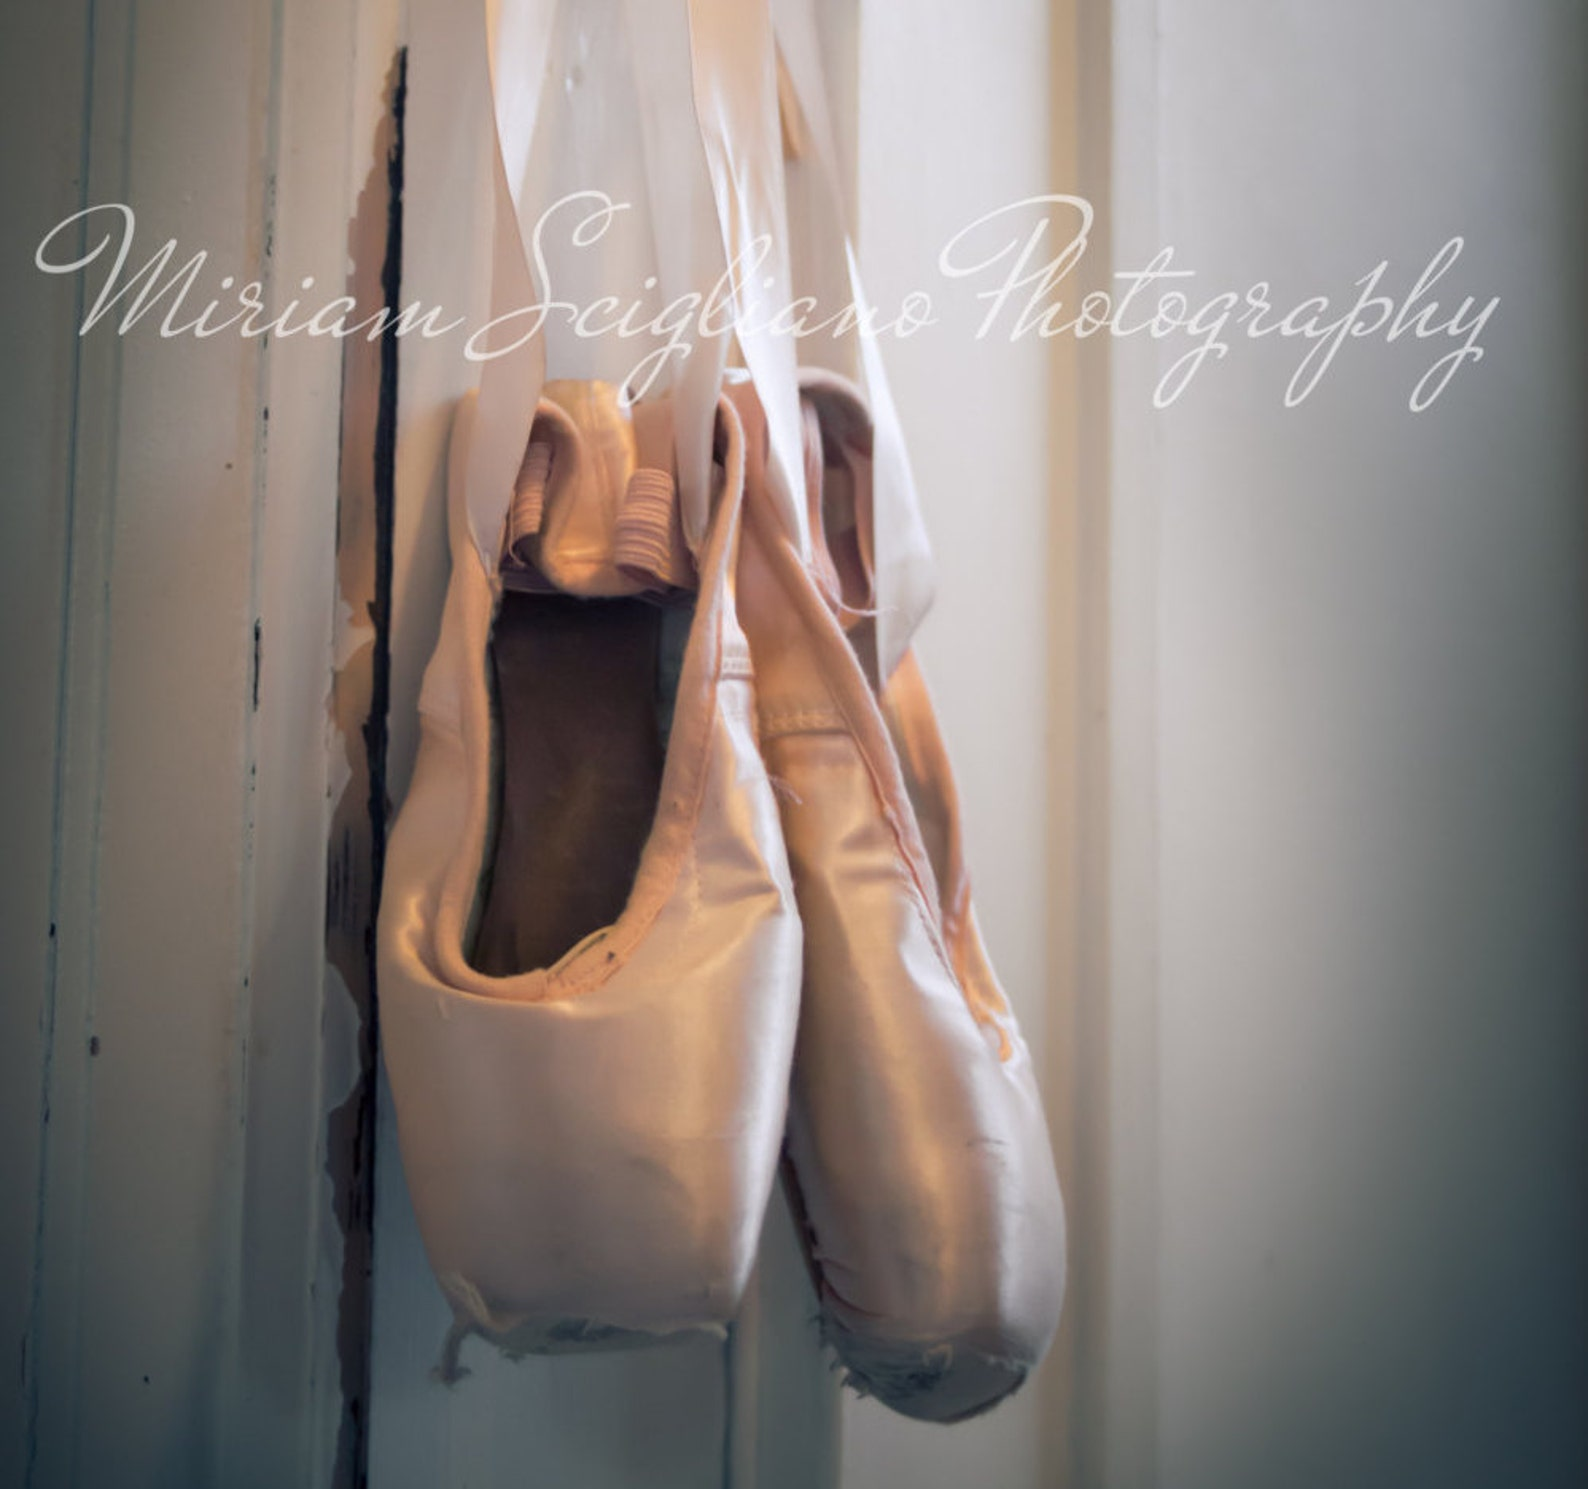 well worn pointe shoes, dance, ballet,ballet photo, girls room decor, dancer photograph, fine art photograph,ballet slippers,tee